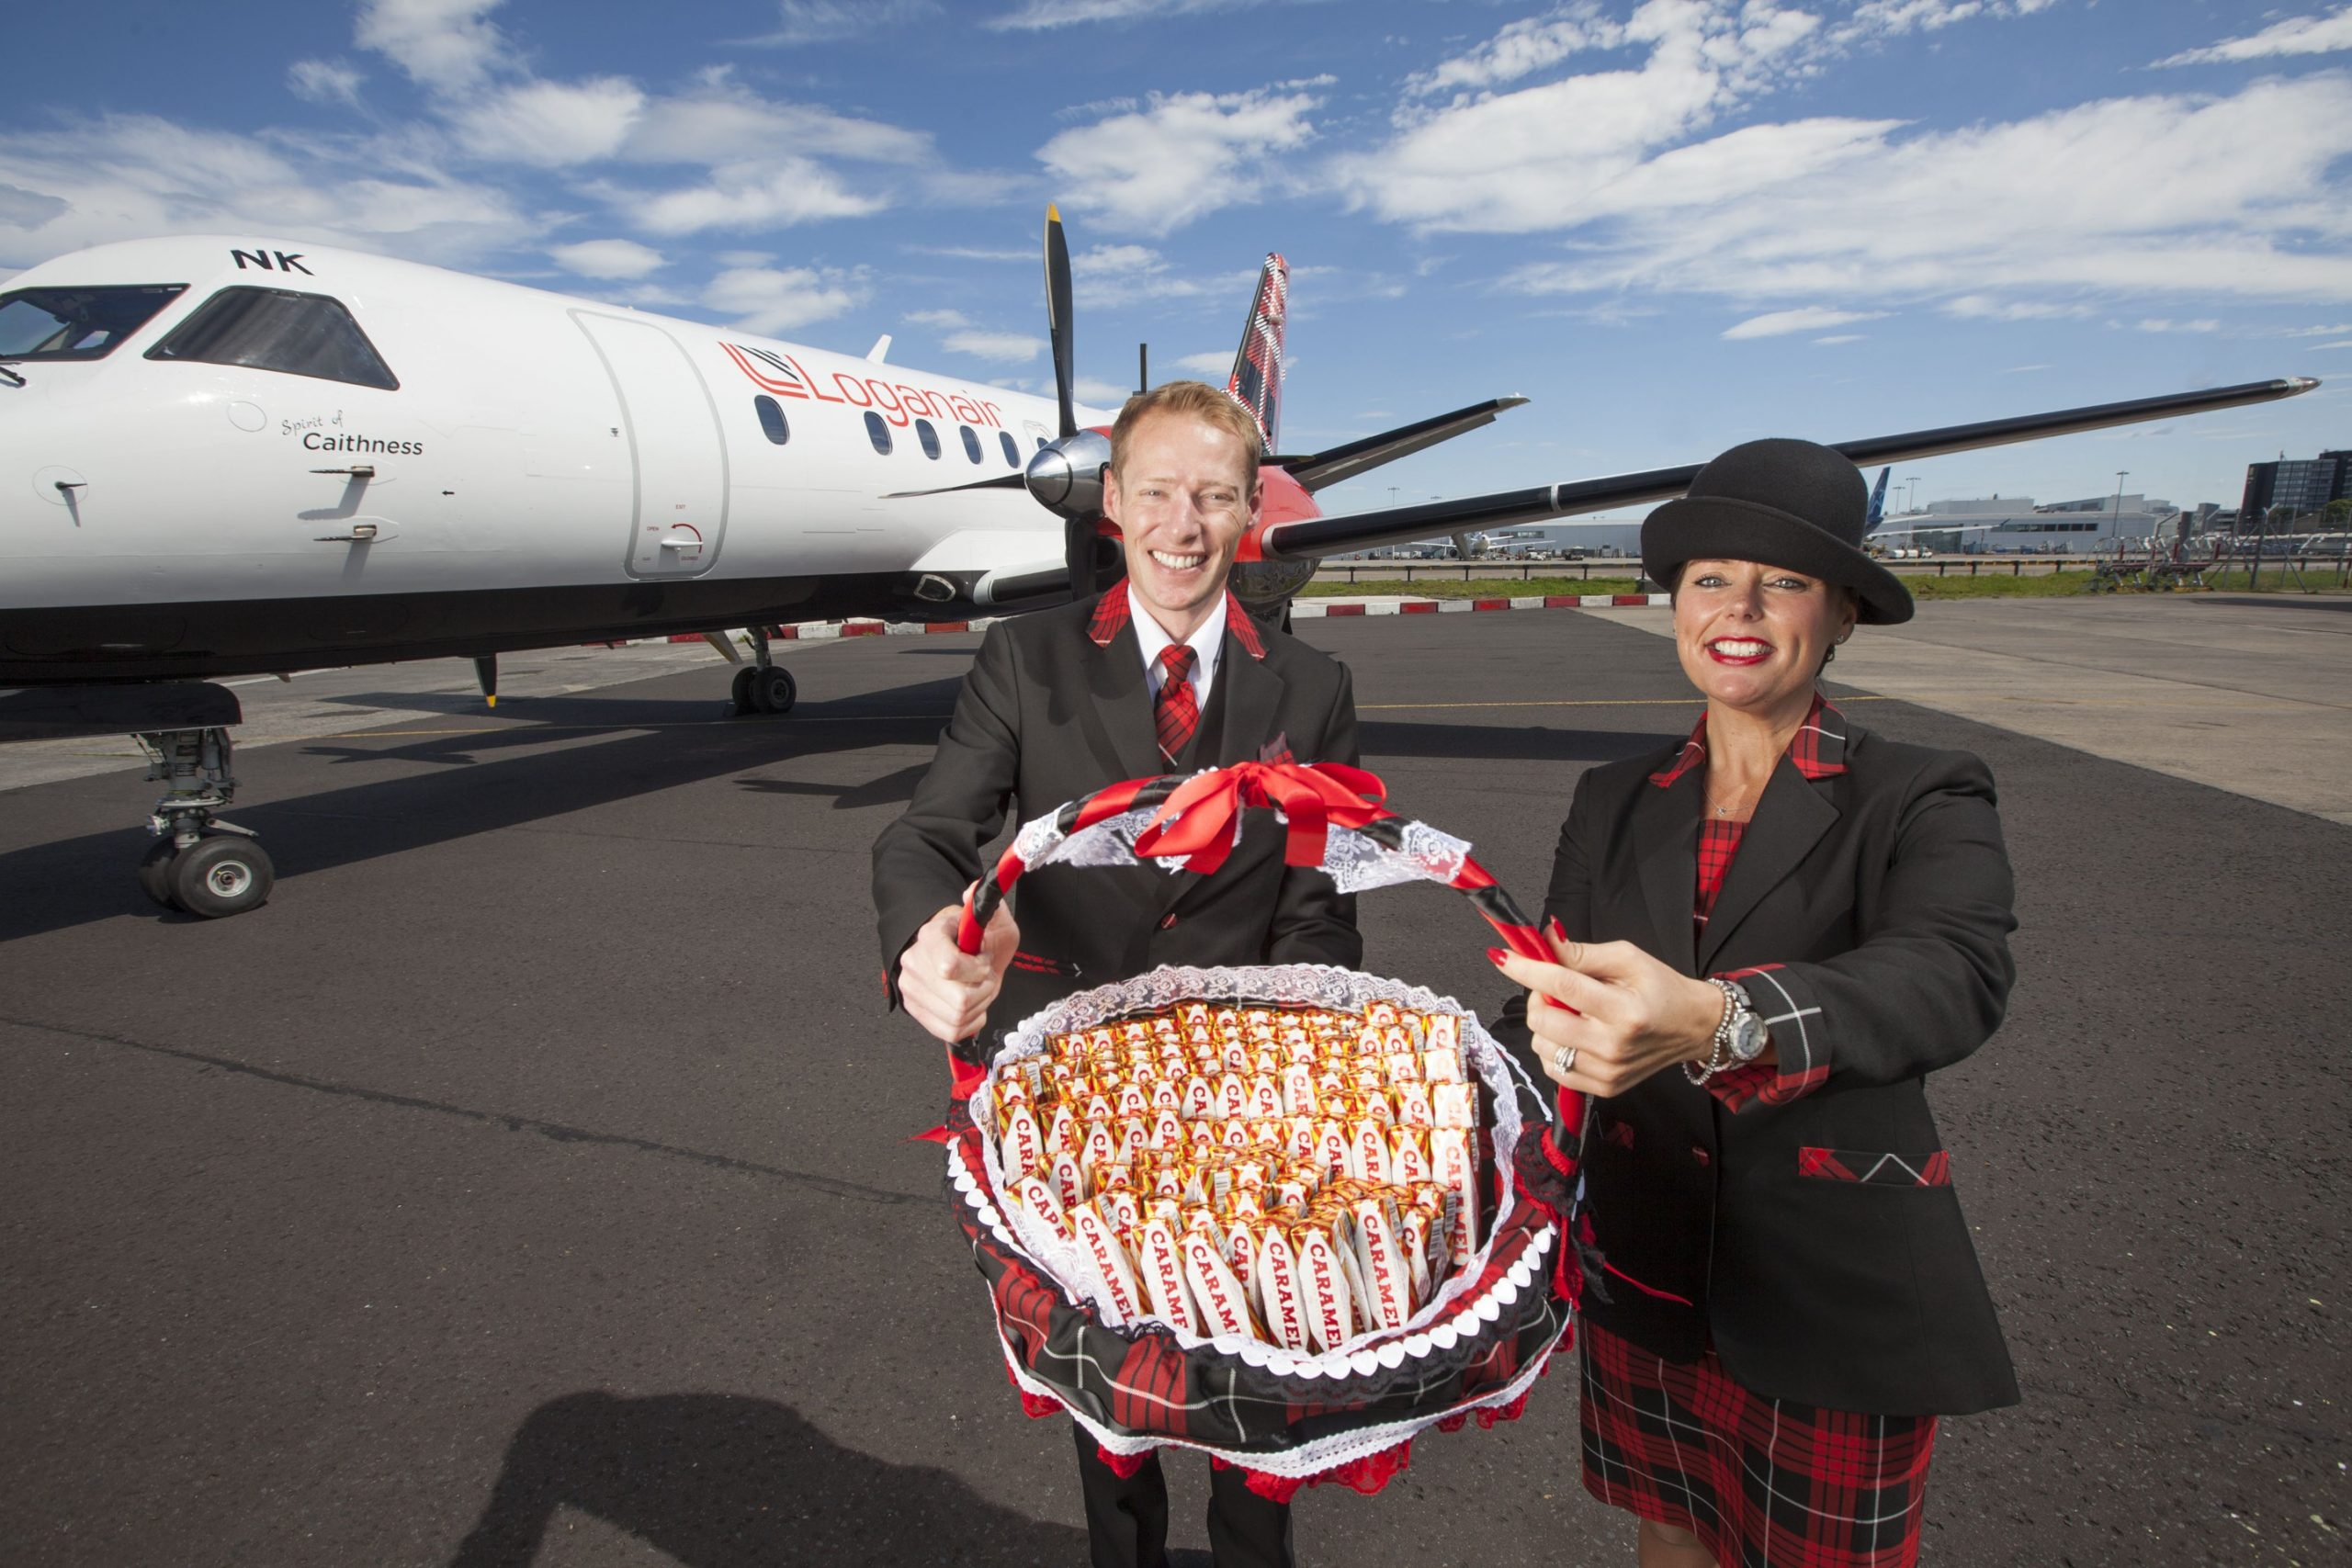 June take off for Carlisle airport